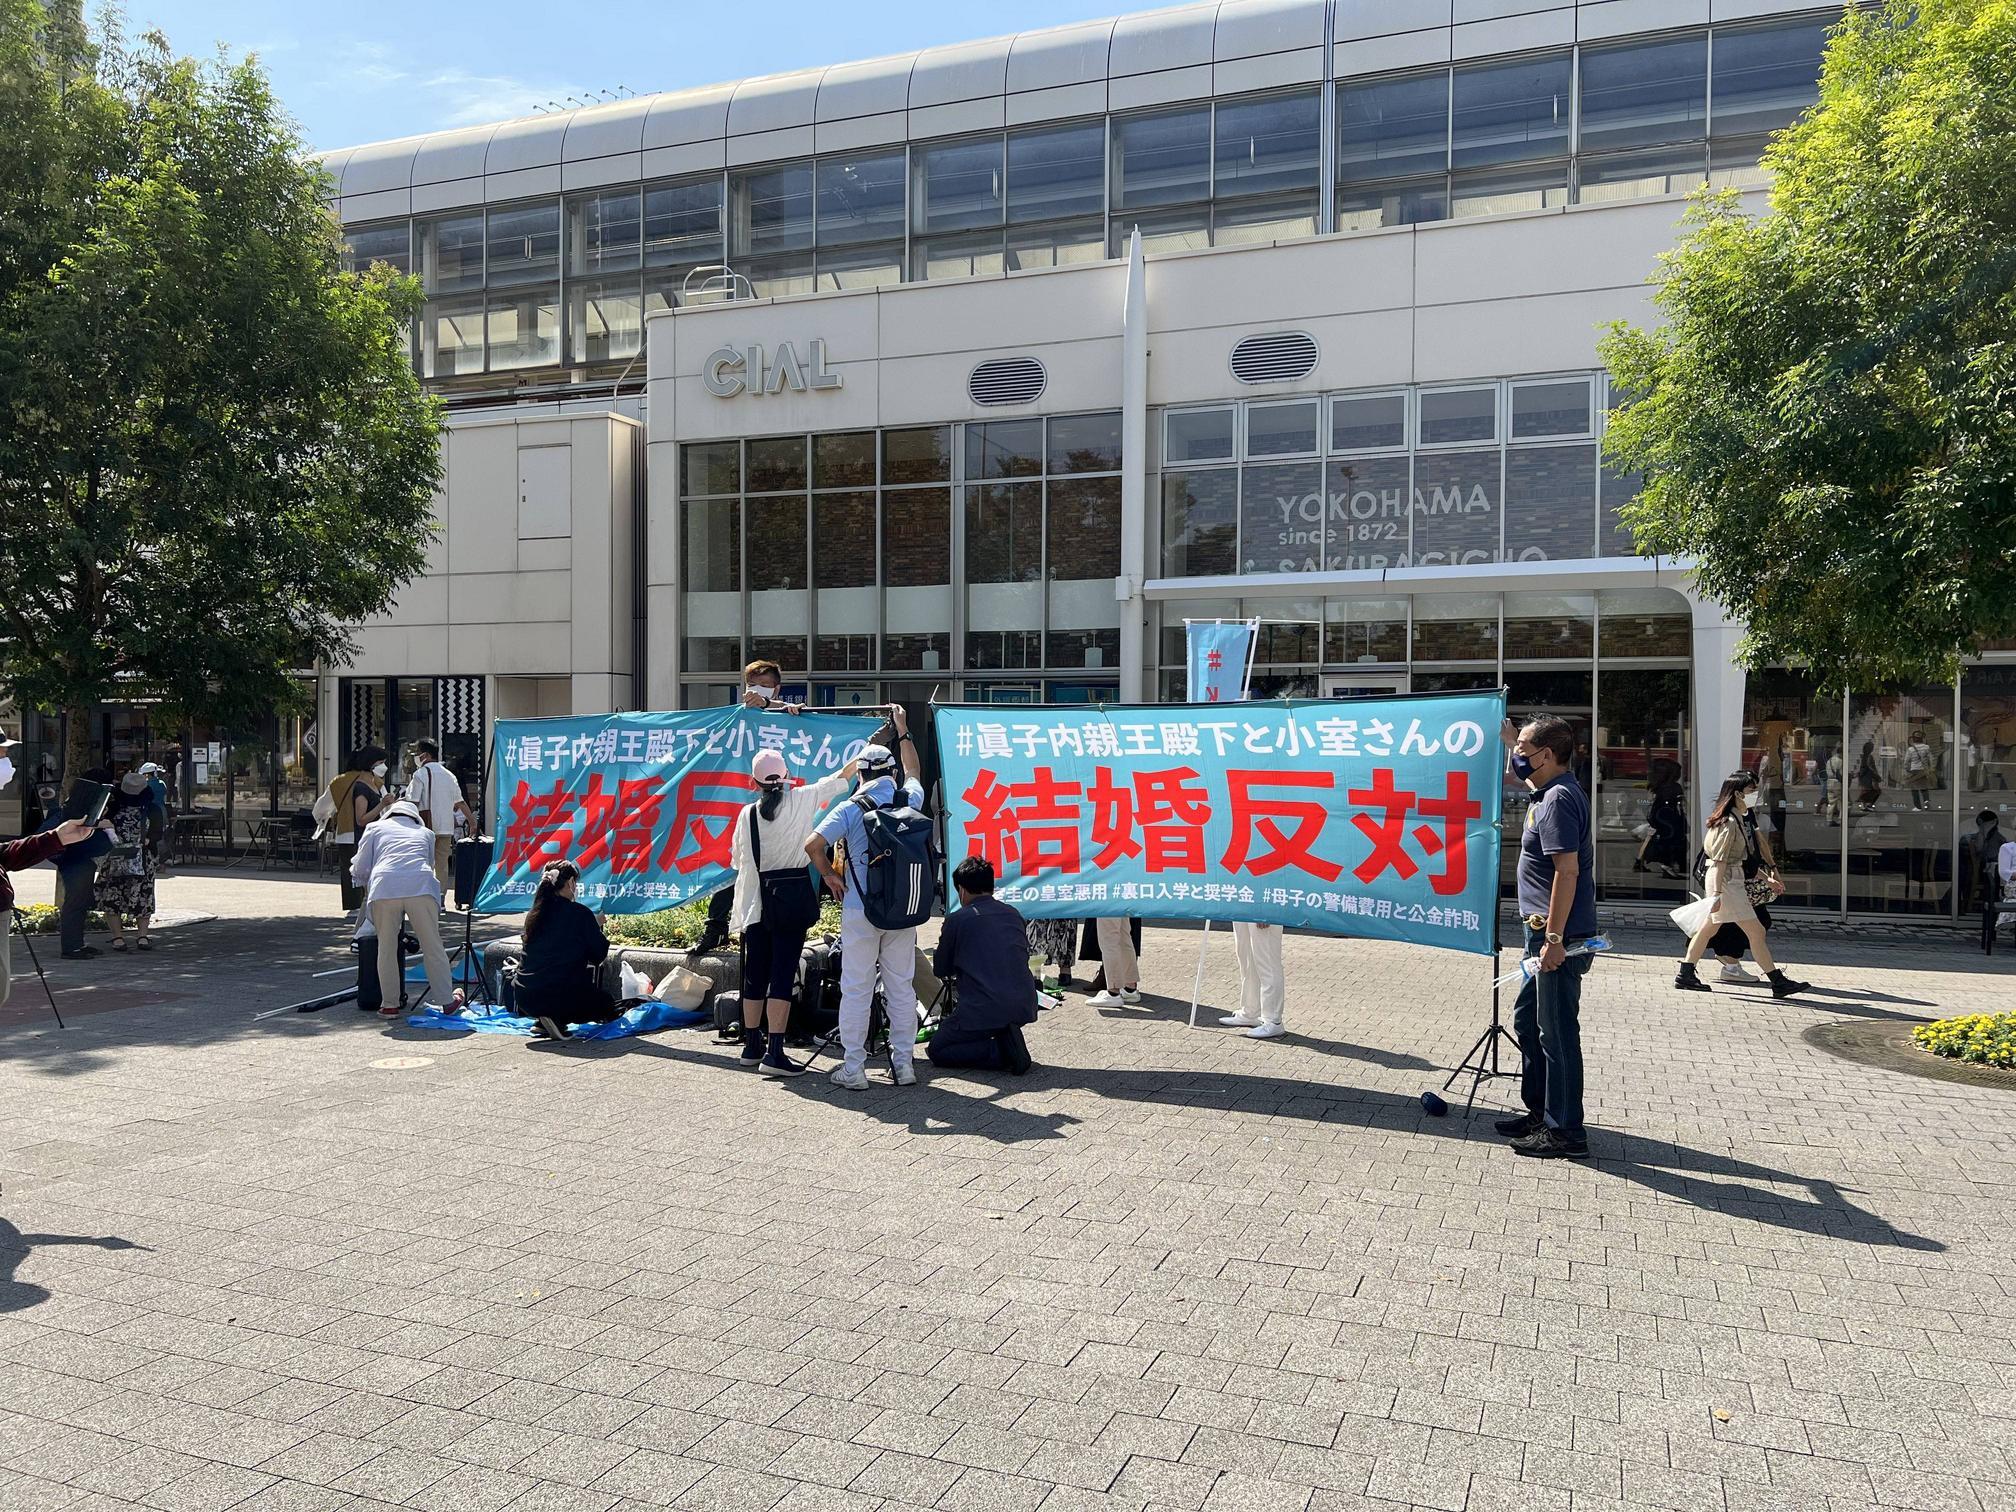 【悲報】小室圭さんと眞子さまの結婚反対デモが開催される…